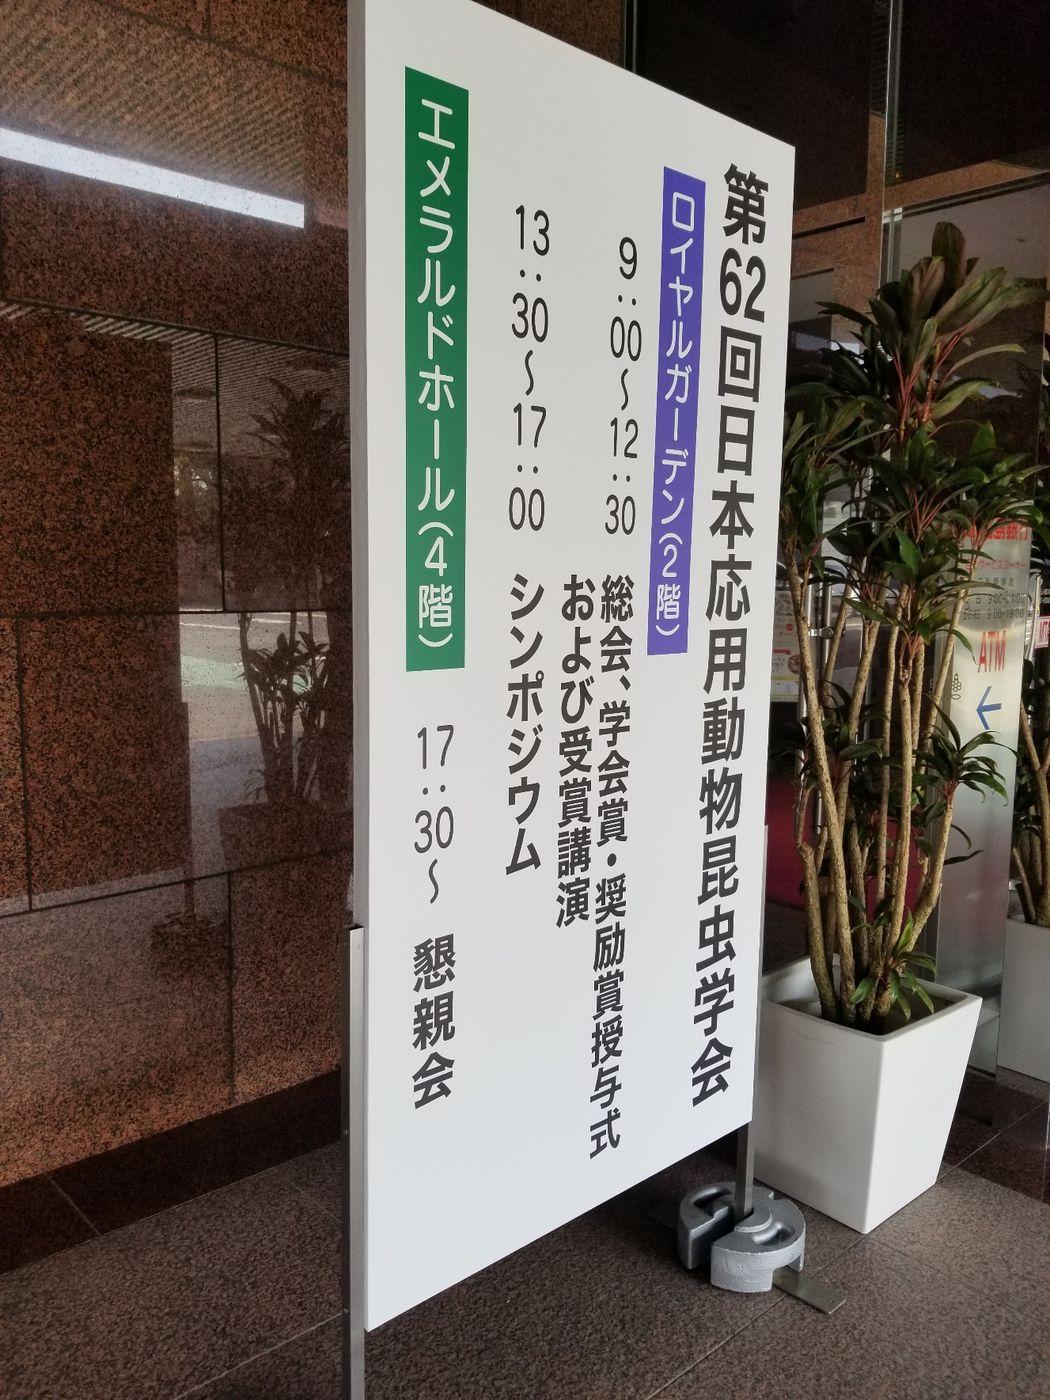 日本応用動物昆虫学会第62回大会 鹿児島県鹿児島市 鹿児島大学郡元キャンパス